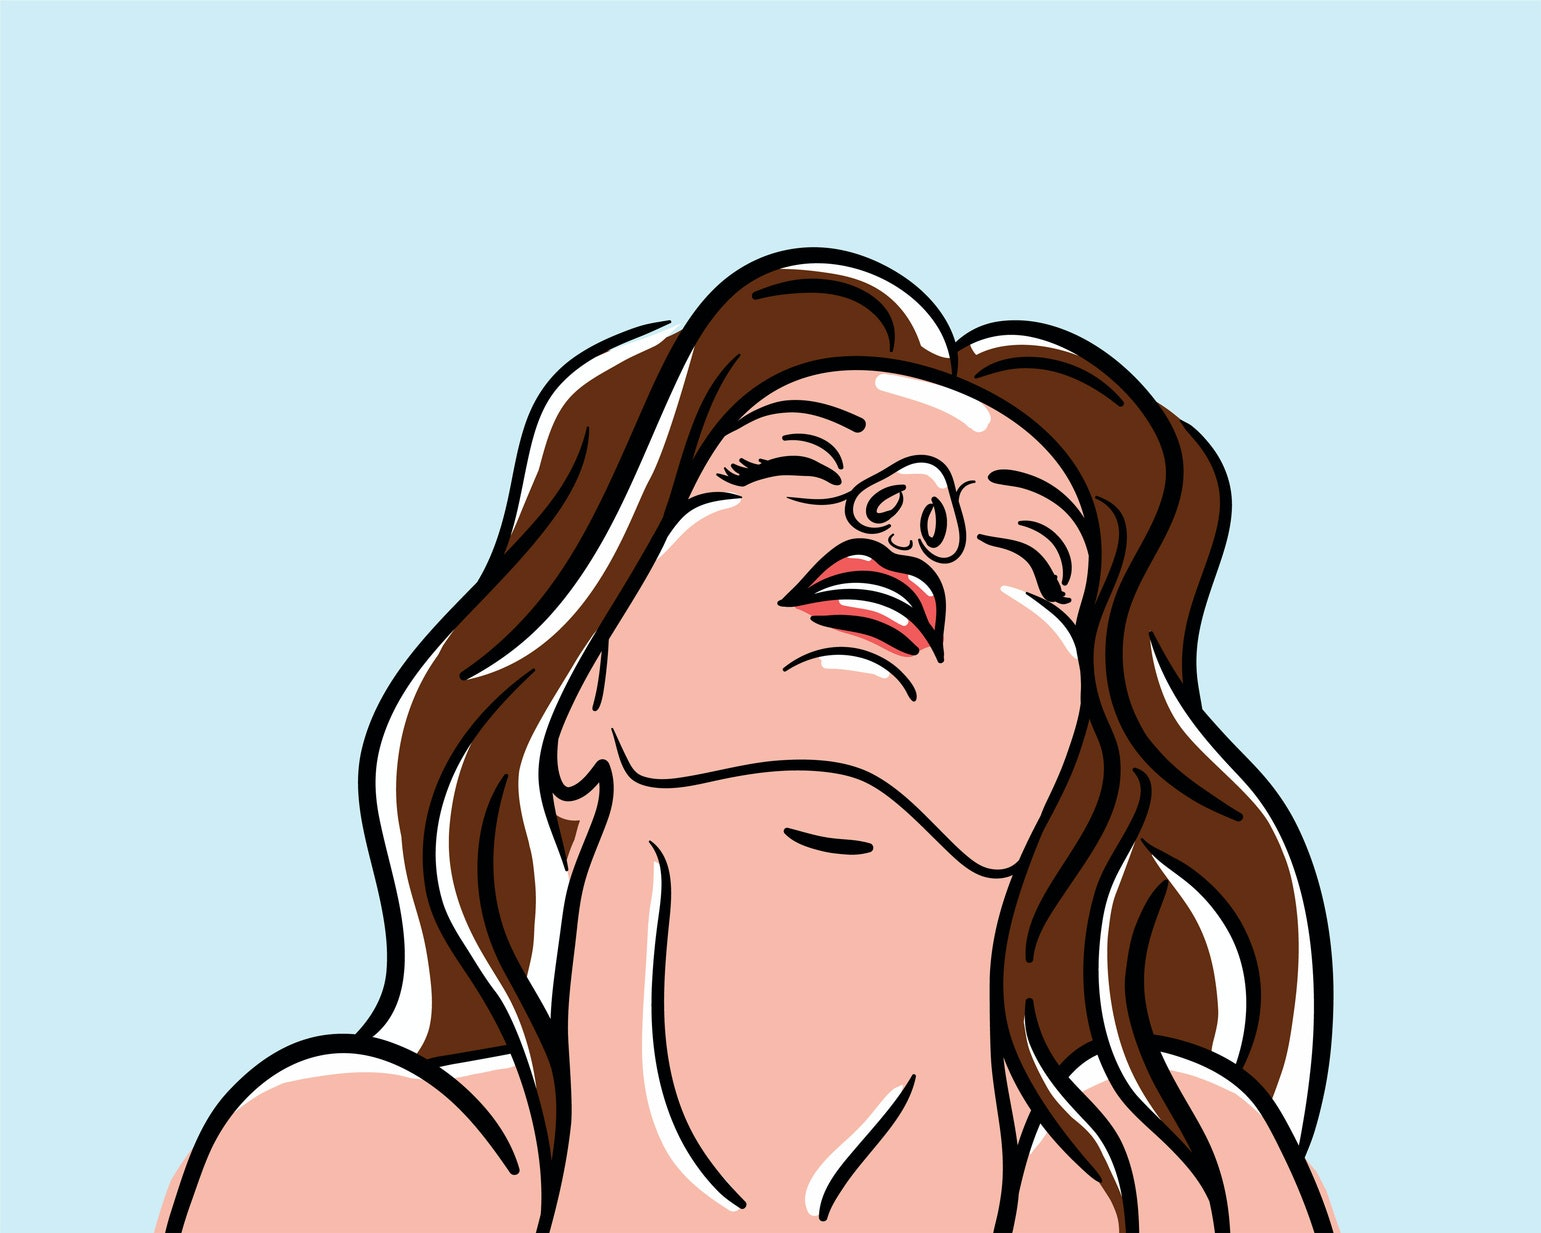 Lisa ann naked pics